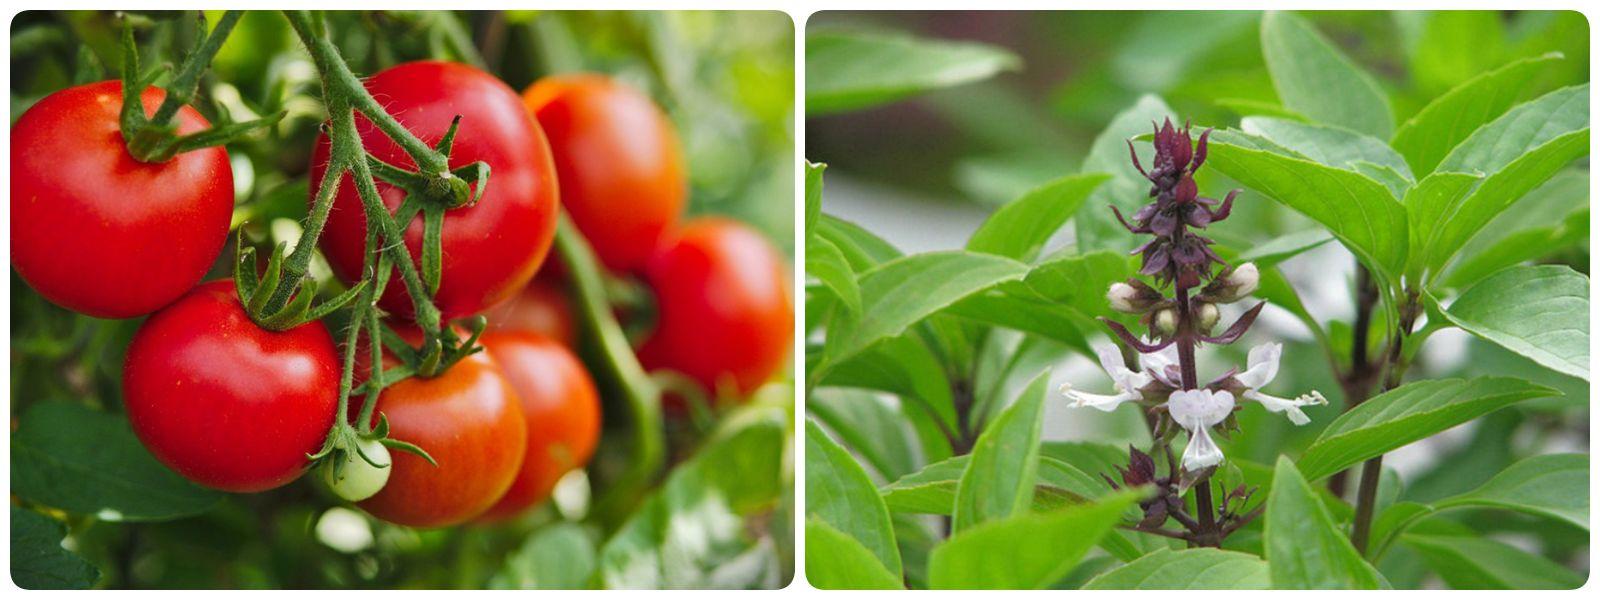 Trị mụn bằng cà chua và rau húng quế